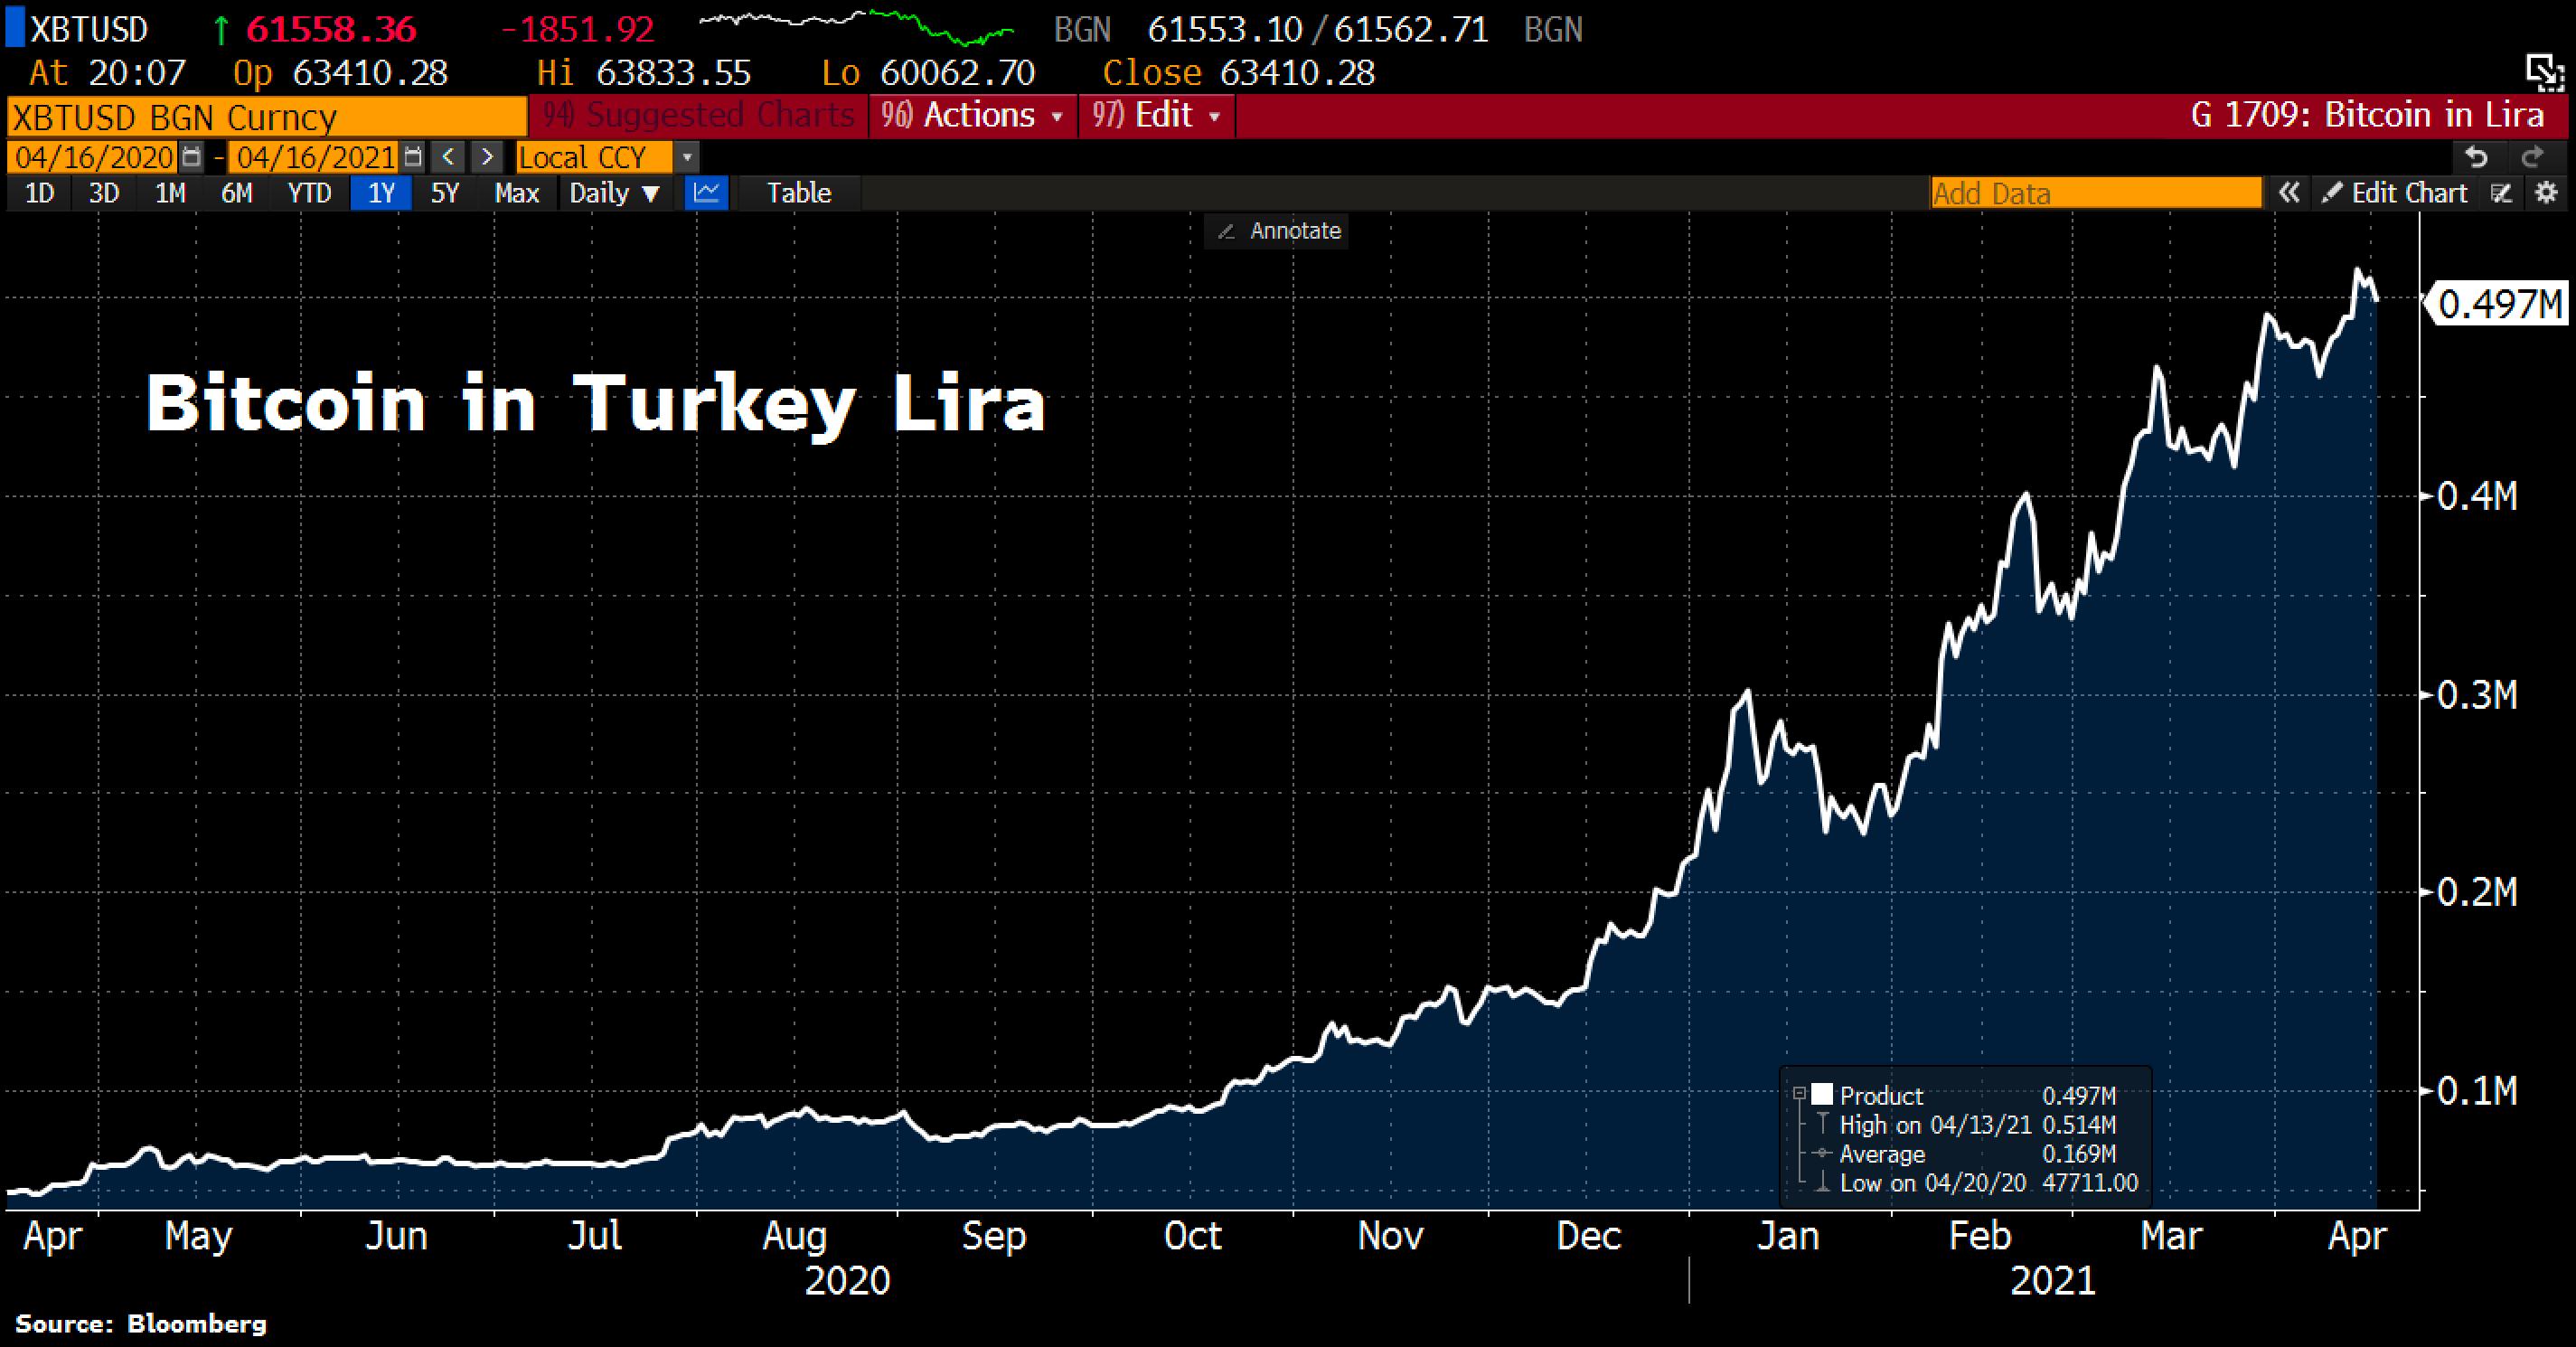 Bitcoin in Turkish Lira